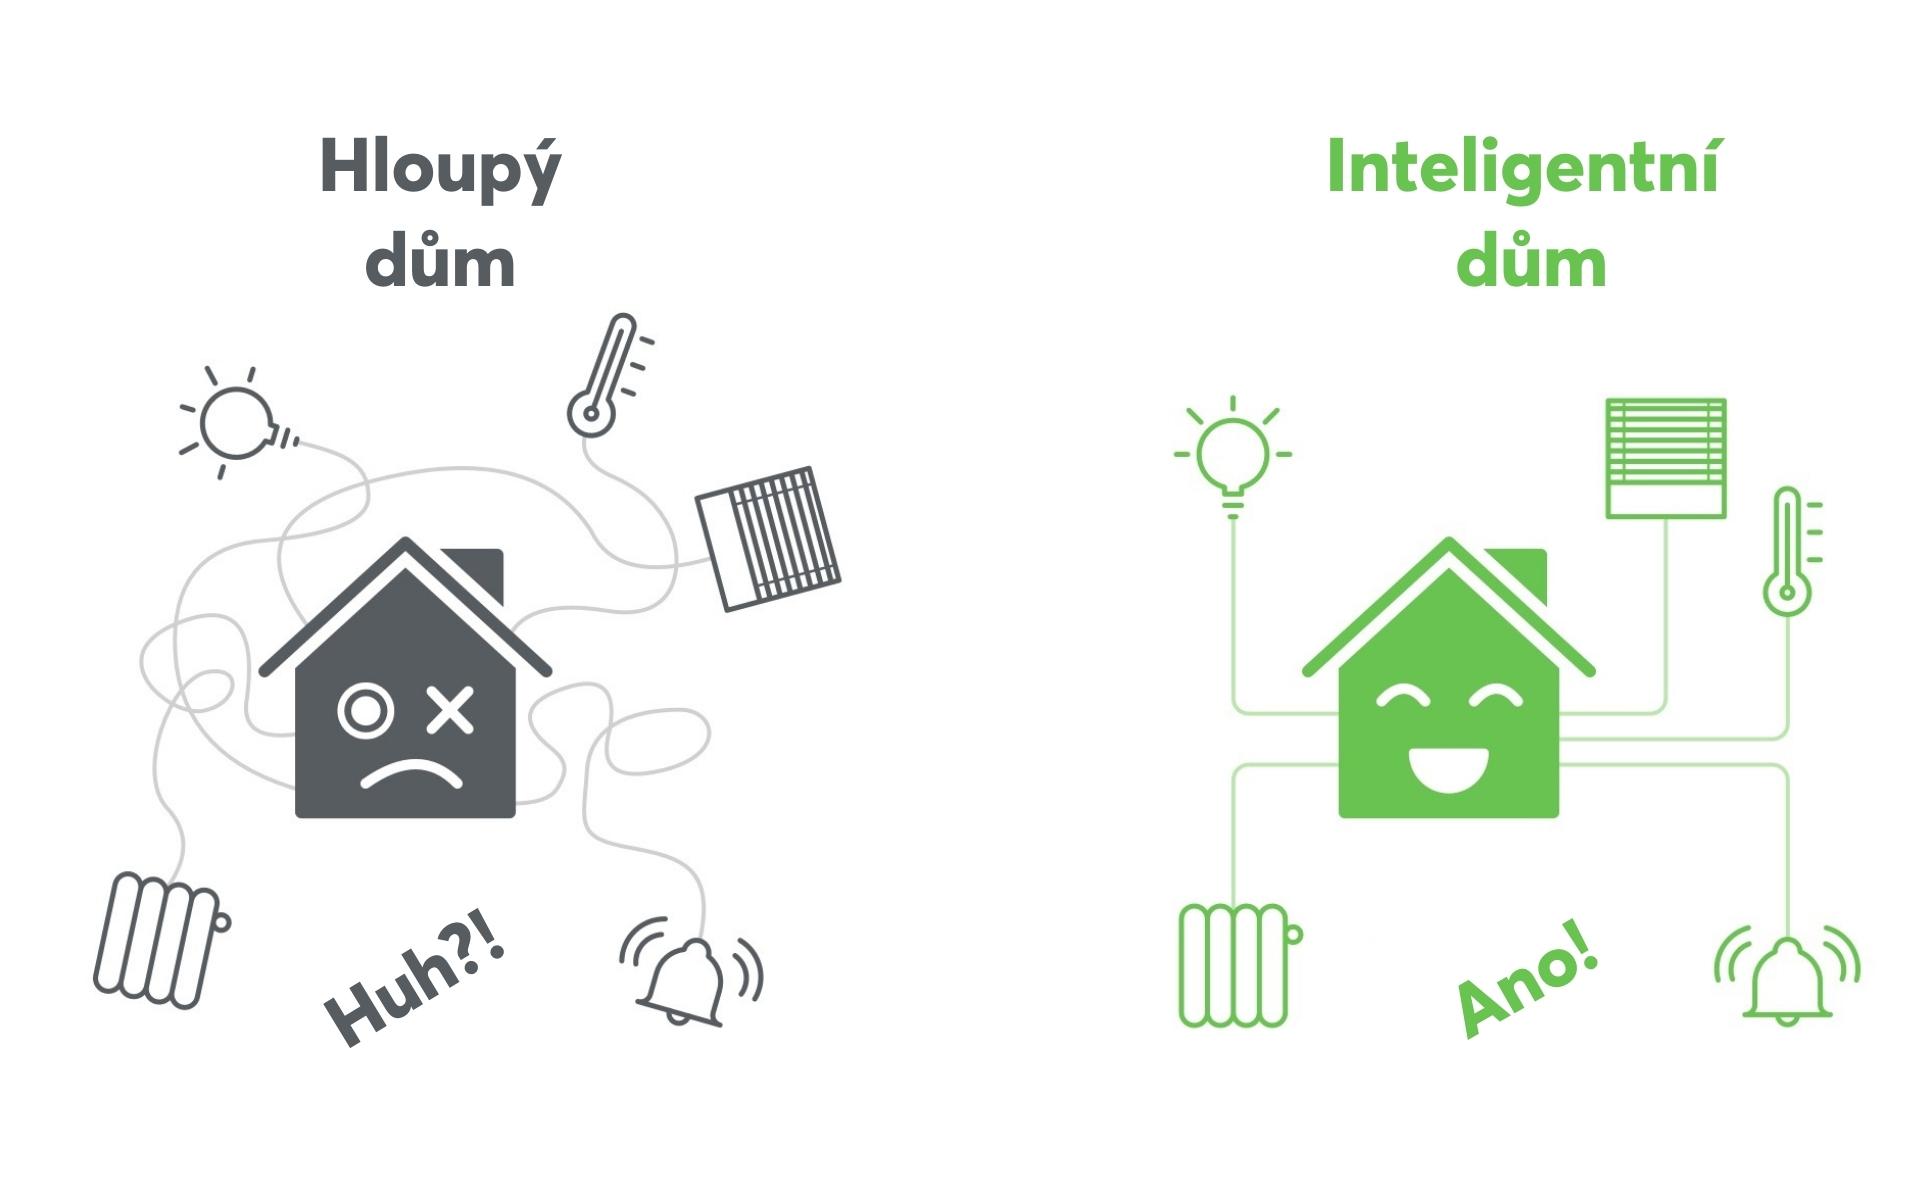 Hloupý vs inteligentní dům